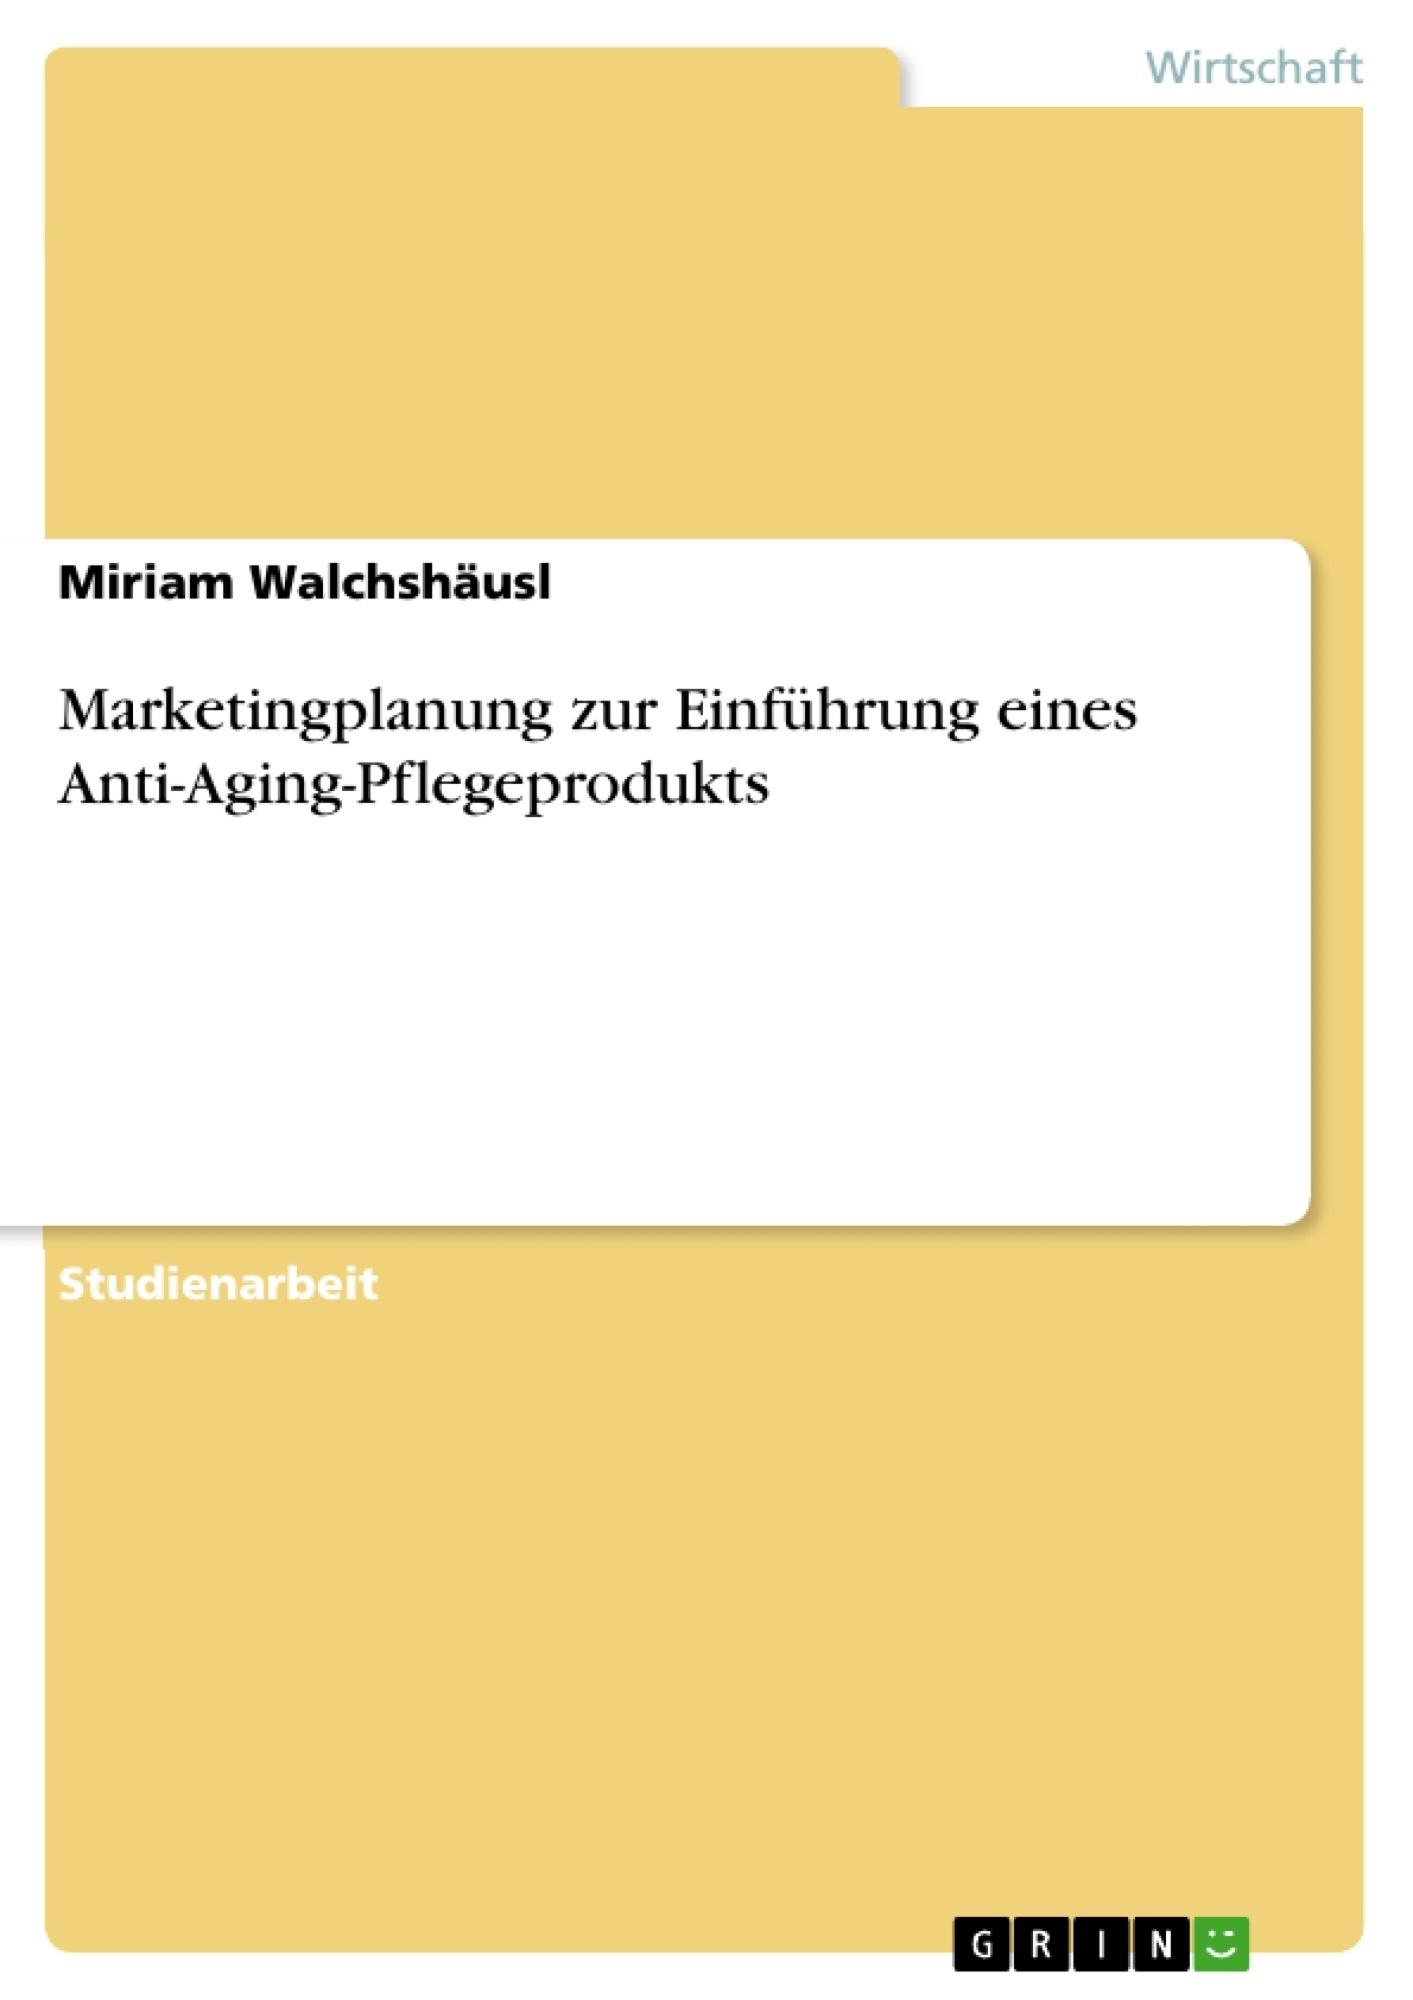 Titel: Marketingplanung zur Einführung eines Anti-Aging-Pflegeprodukts